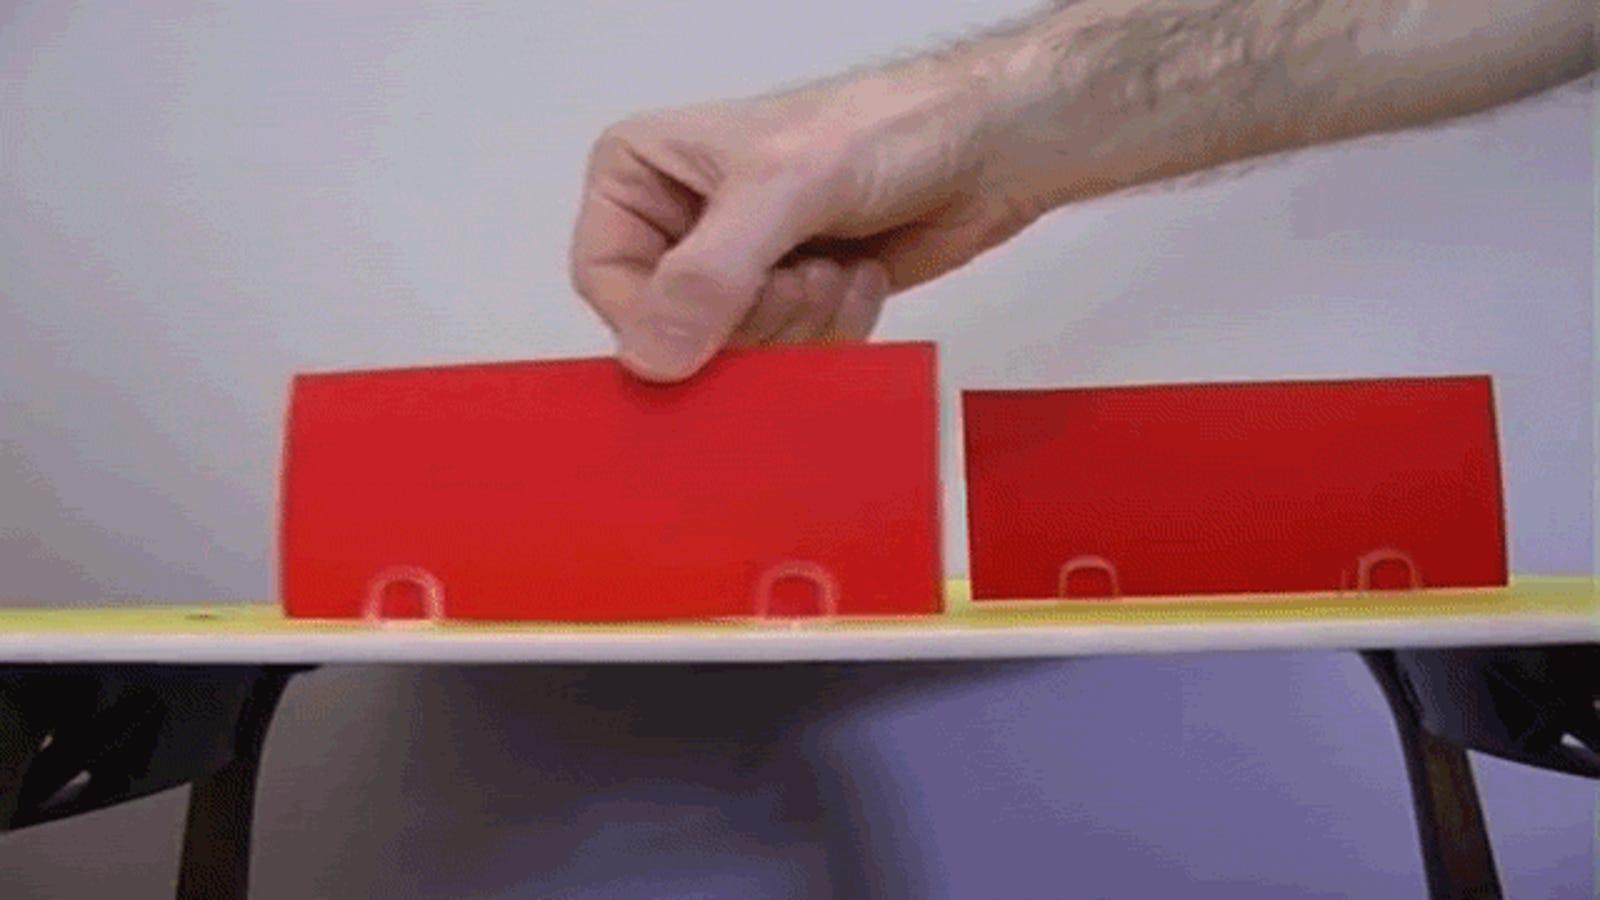 Cómo hacer una ingeniosa ilusión óptica con un cochecito de juguete